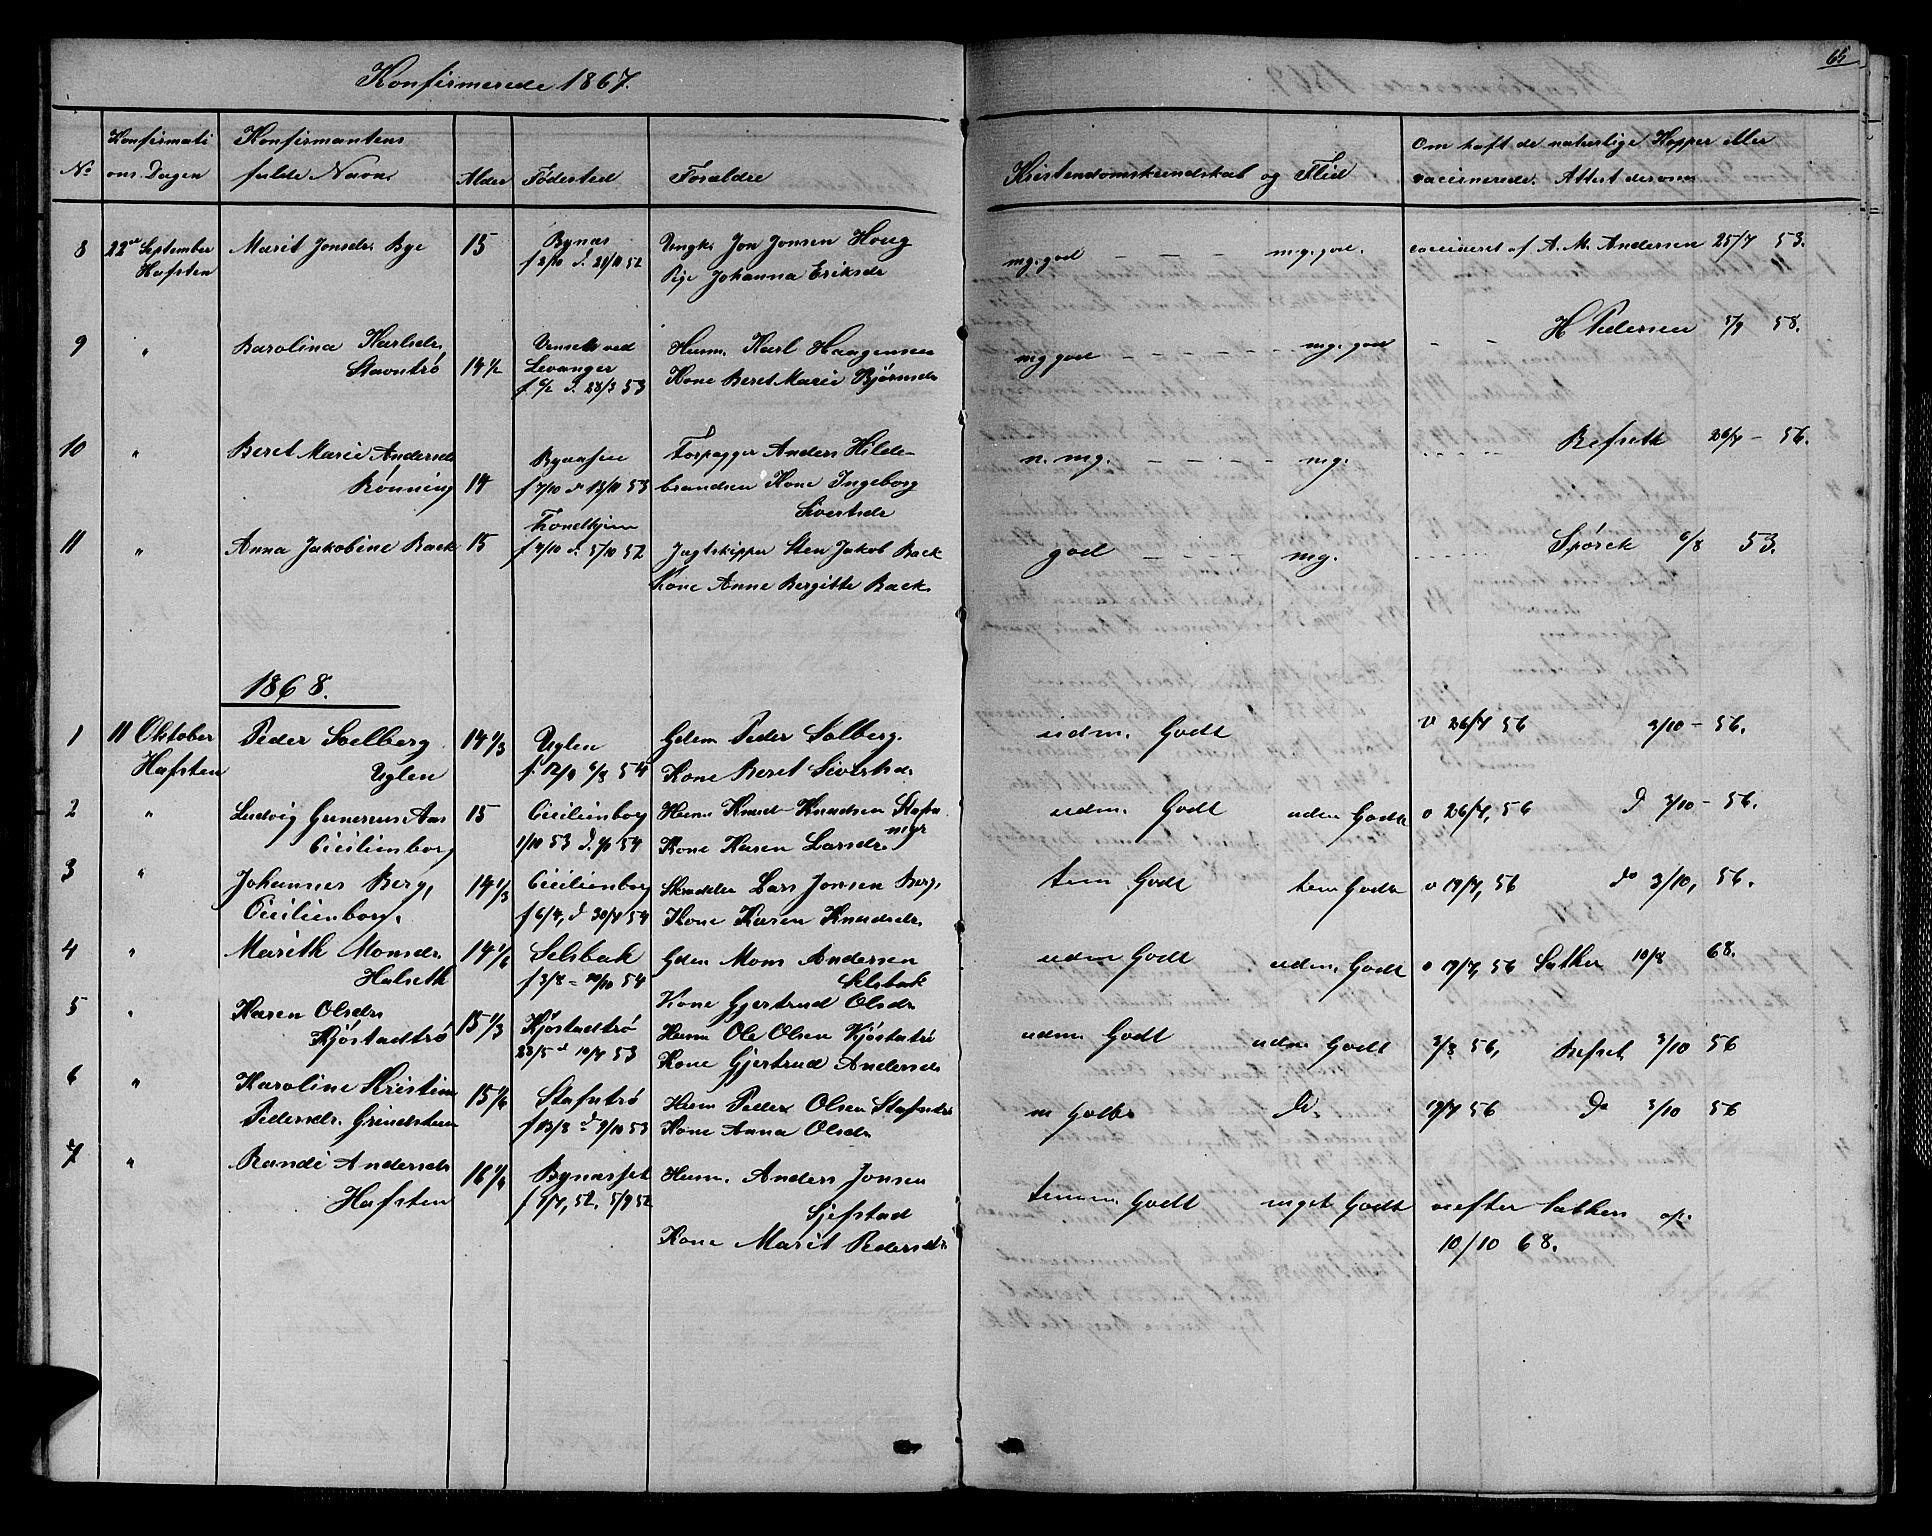 SAT, Ministerialprotokoller, klokkerbøker og fødselsregistre - Sør-Trøndelag, 611/L0353: Klokkerbok nr. 611C01, 1854-1881, s. 65